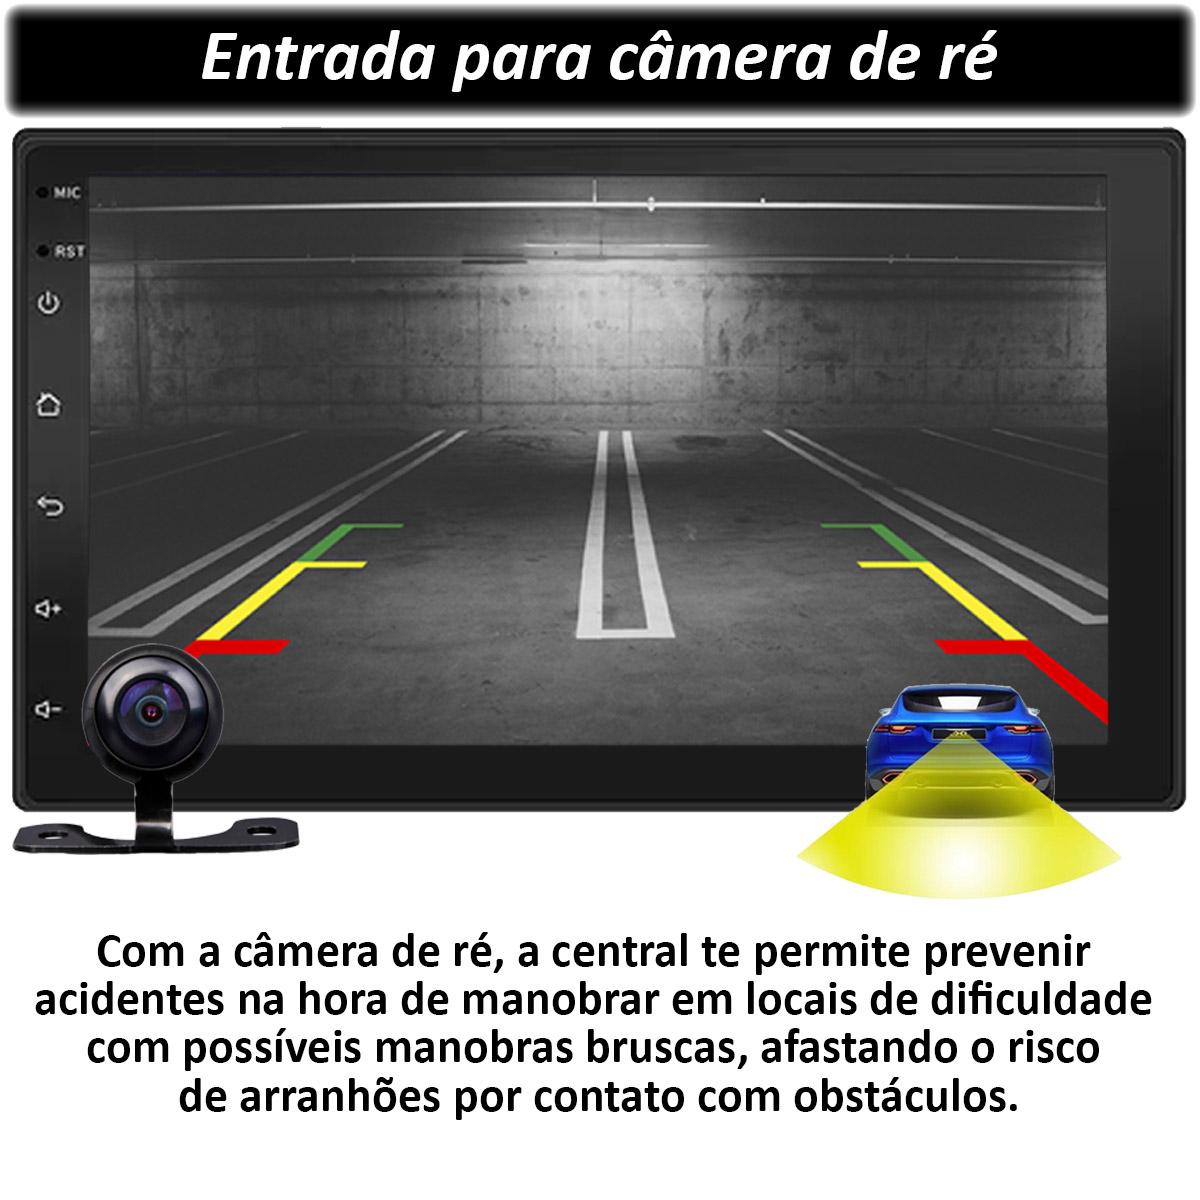 Central Multimídia Jeep Renegade Muzik Android com Câmera de Ré 7 Polegadas 2 Din Moldura Atacado Poliparts